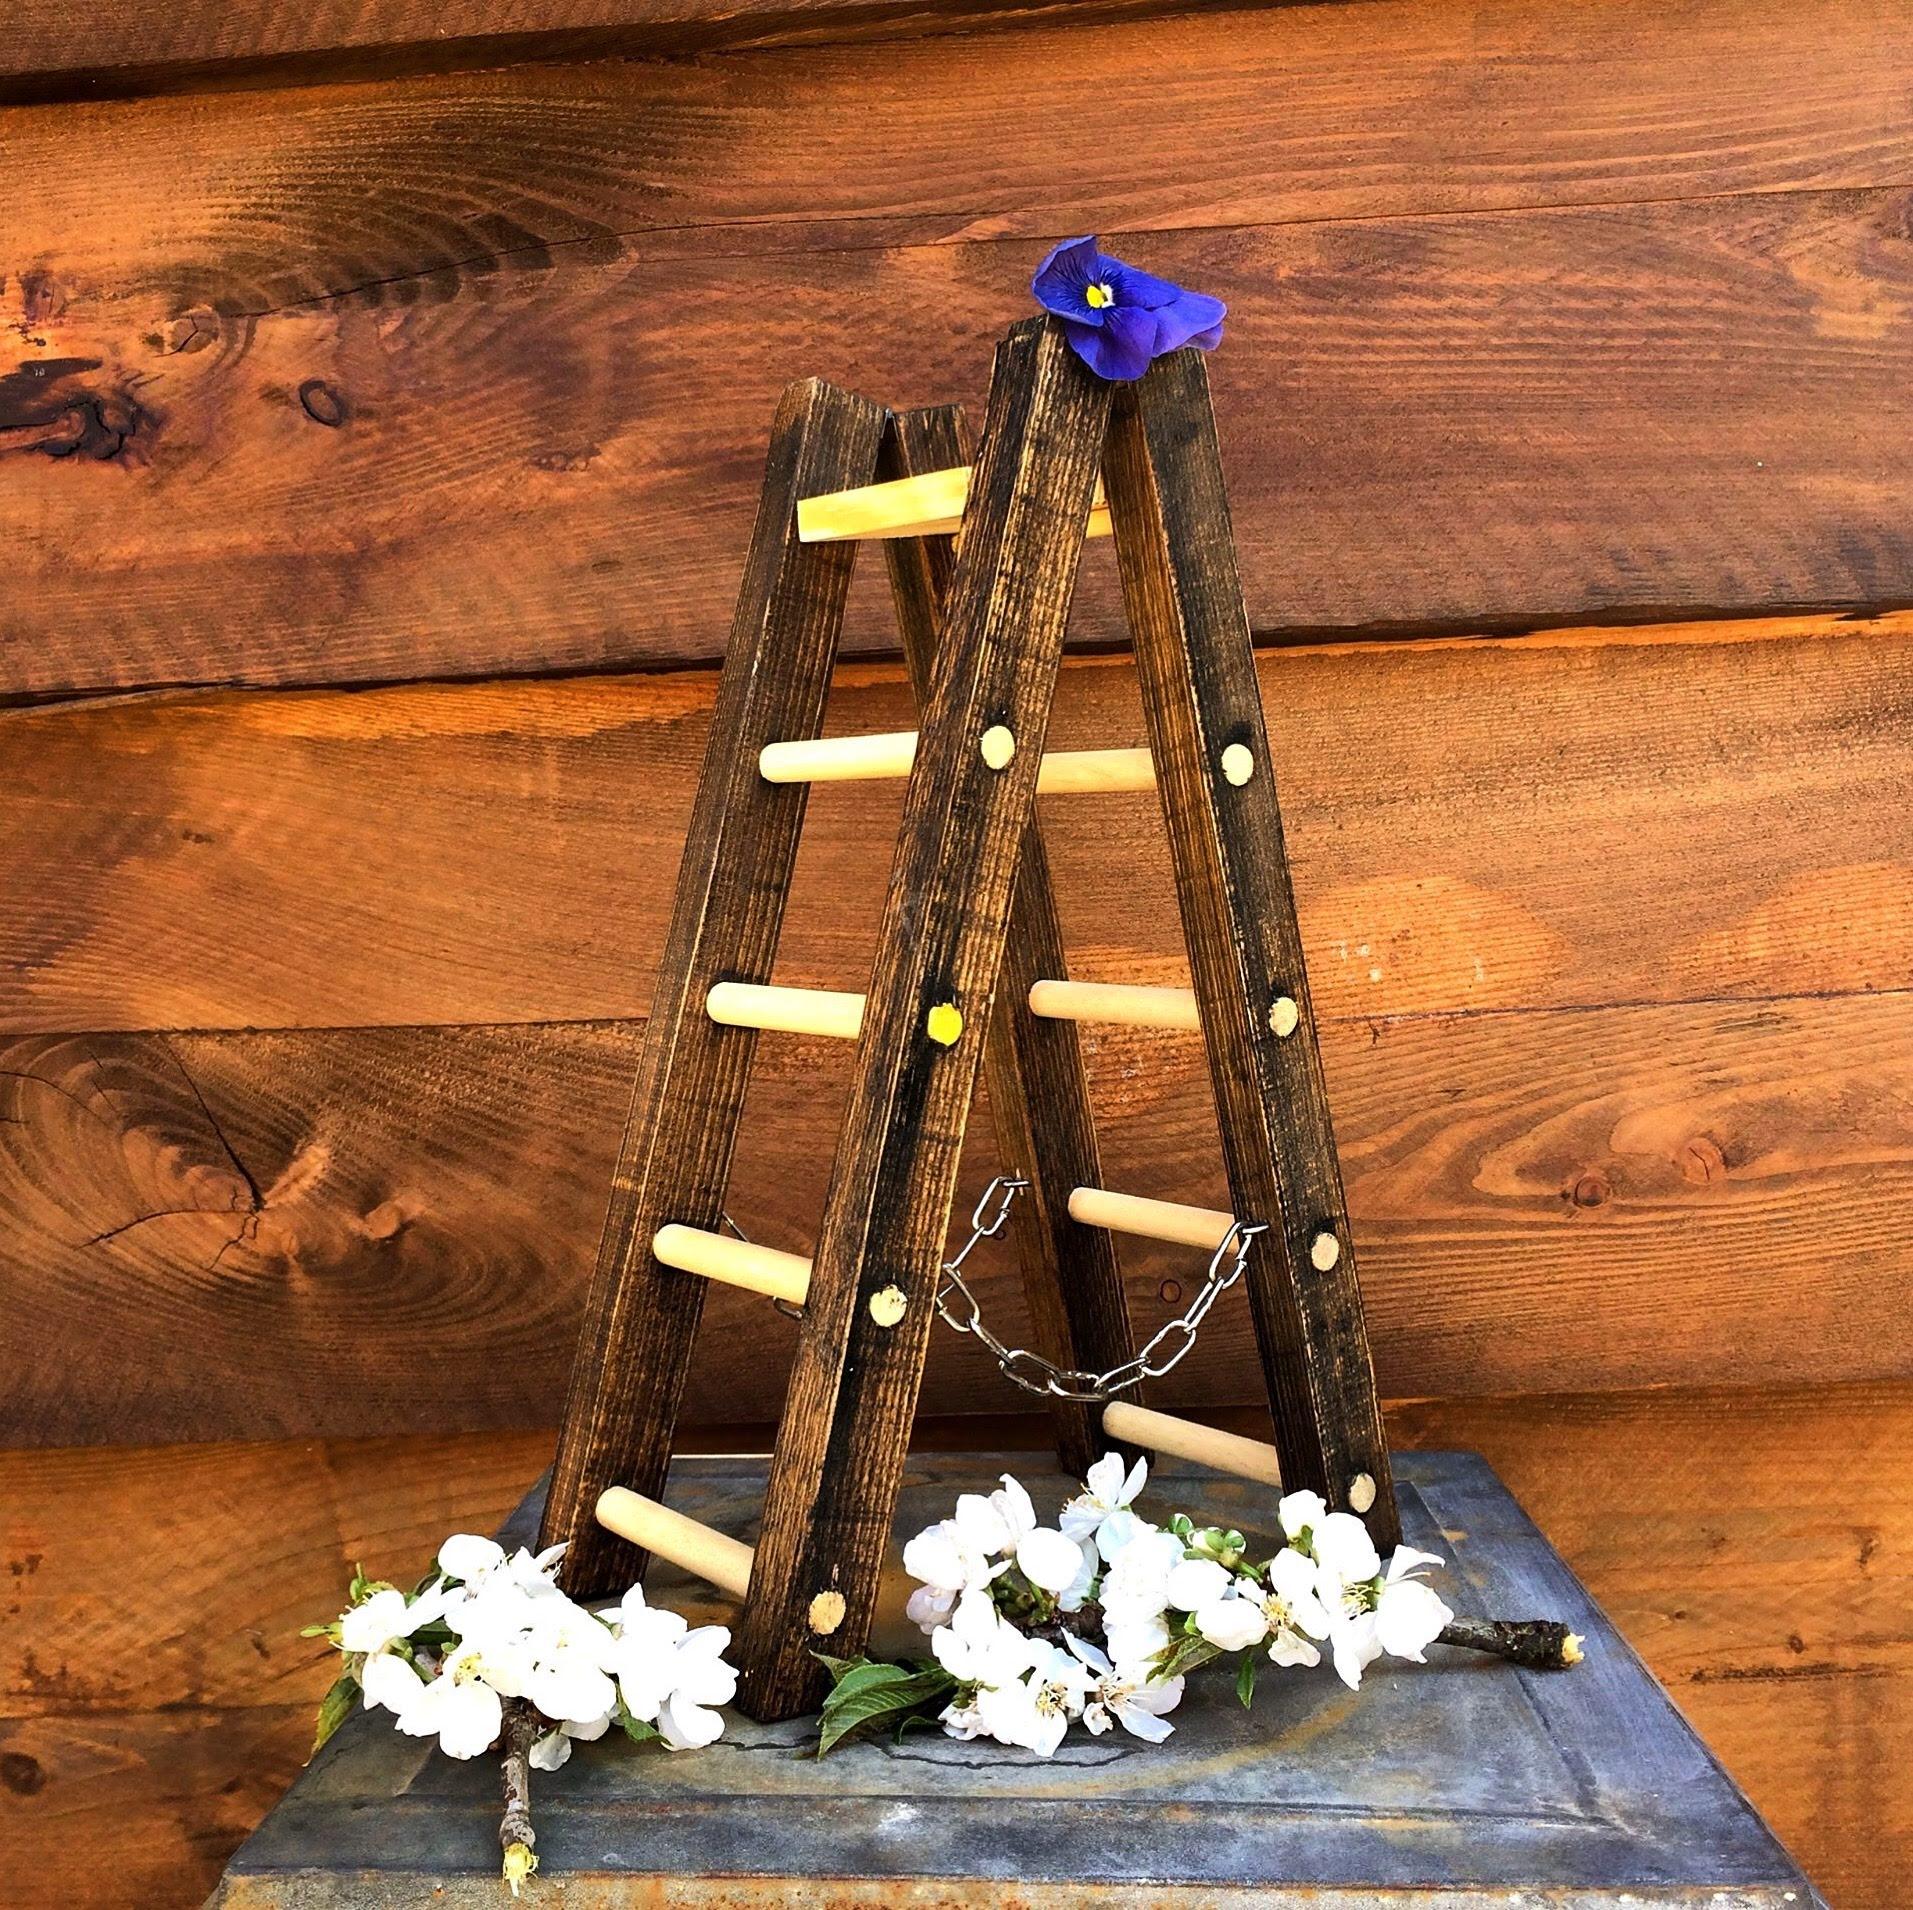 Scaletta espositore in miniatura in legno colore scuro